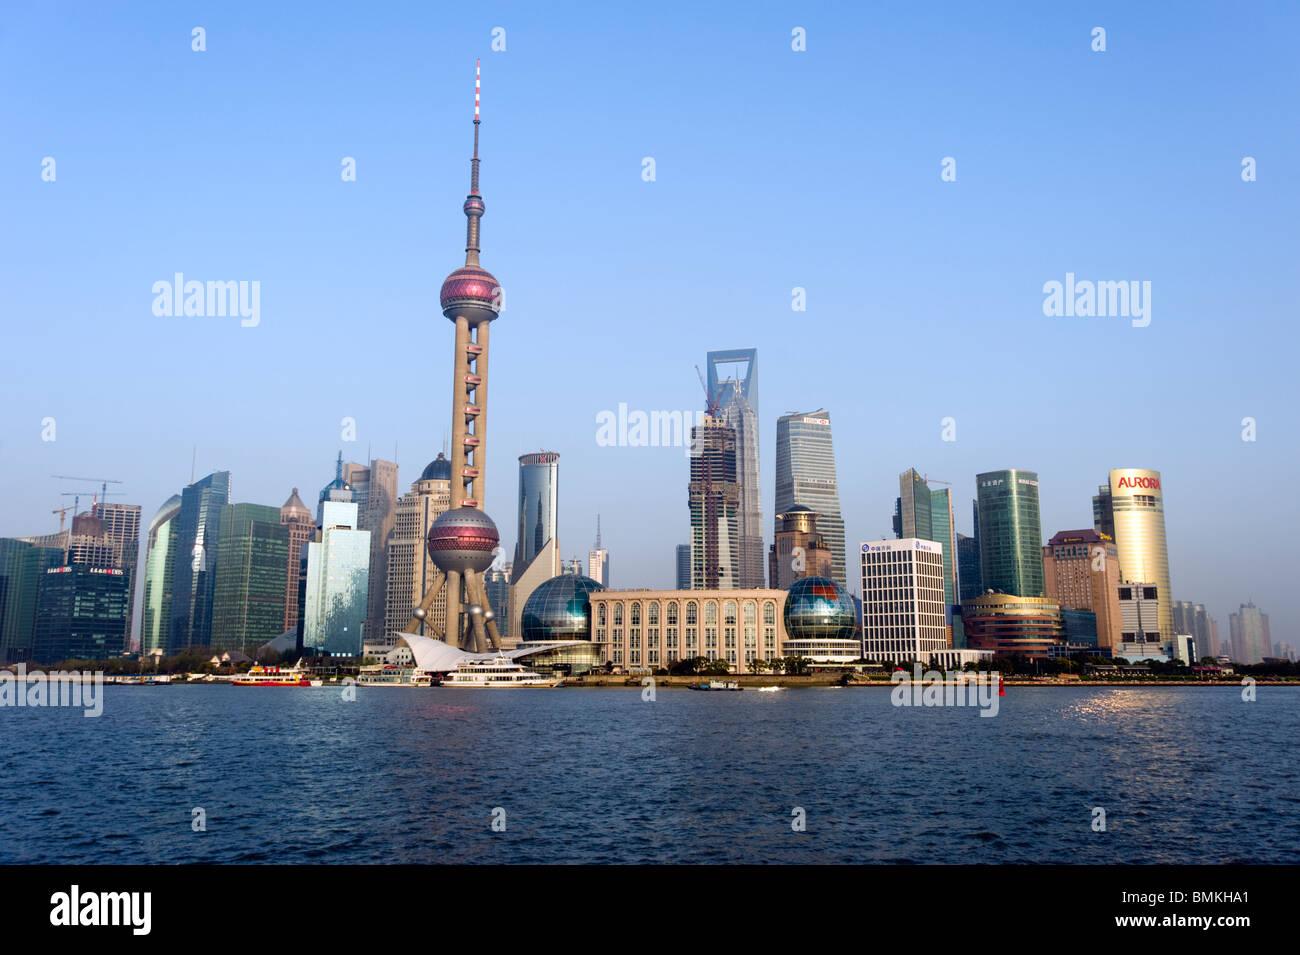 Vue sur le bord de la rivière Huangpu et sur les toits de la ville, Shanghai, Chine Photo Stock